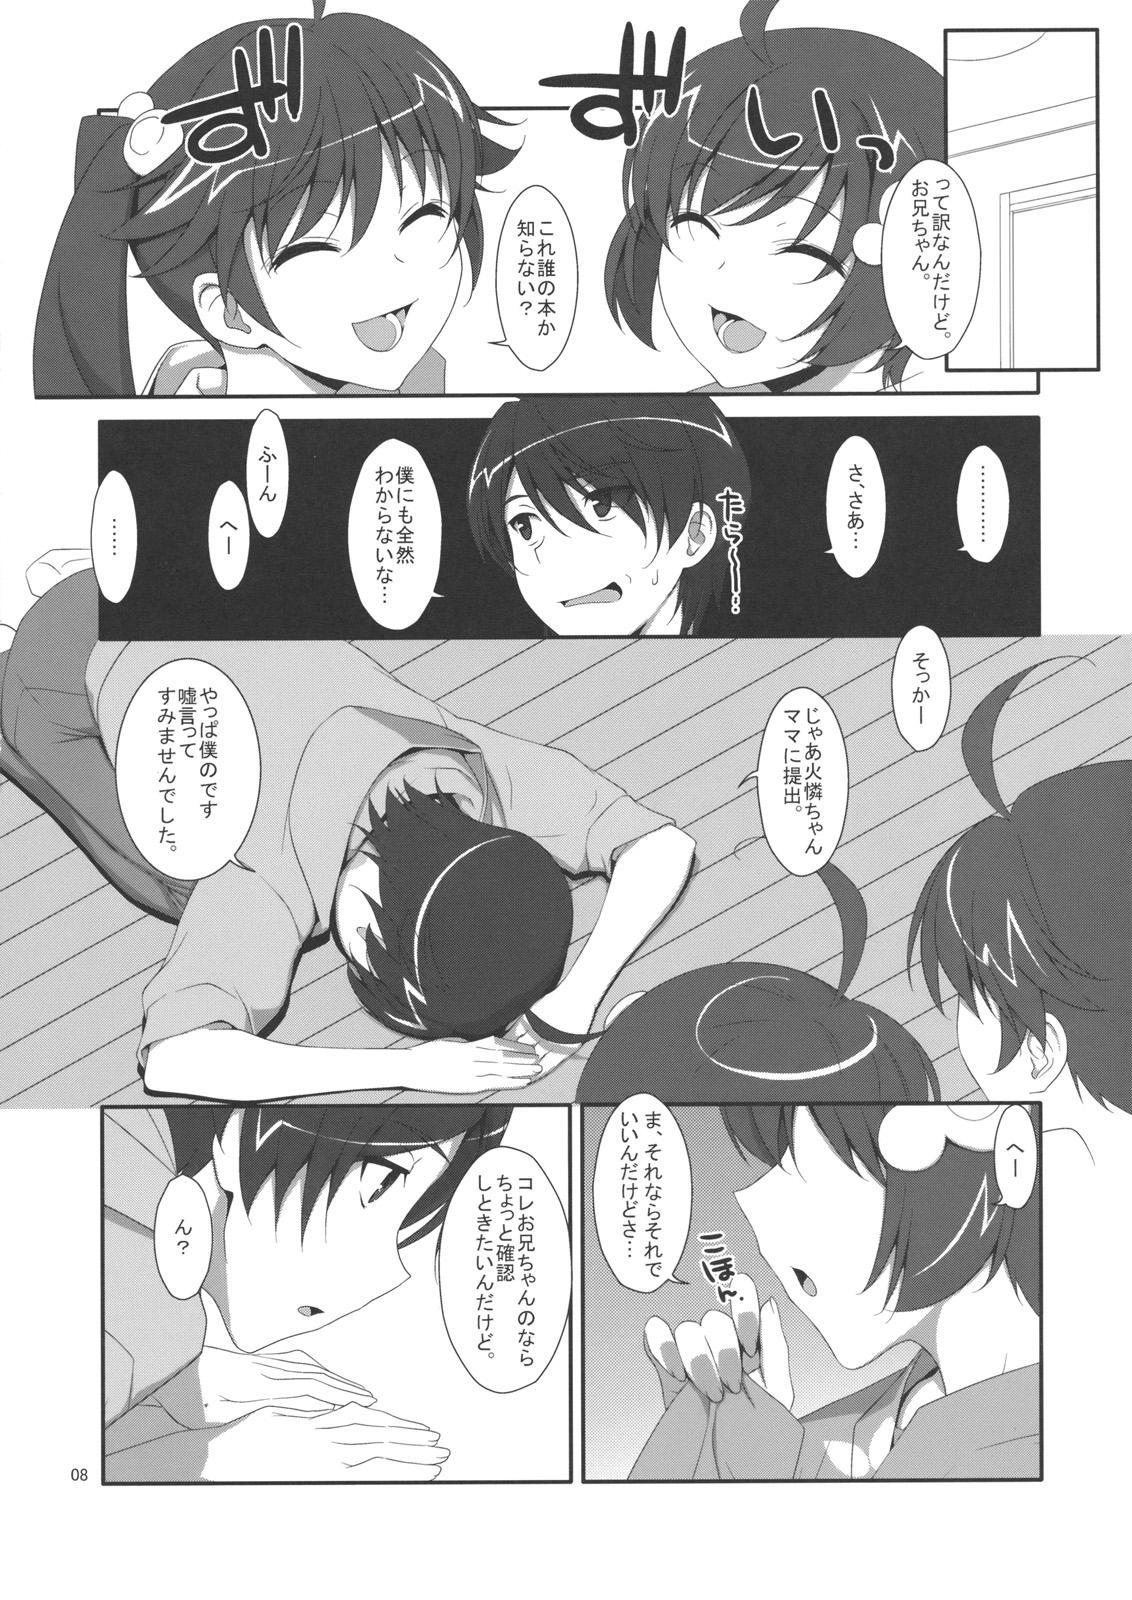 Oniichan wa Imouto ni Yokujou Shitari Shinaiyone? 6